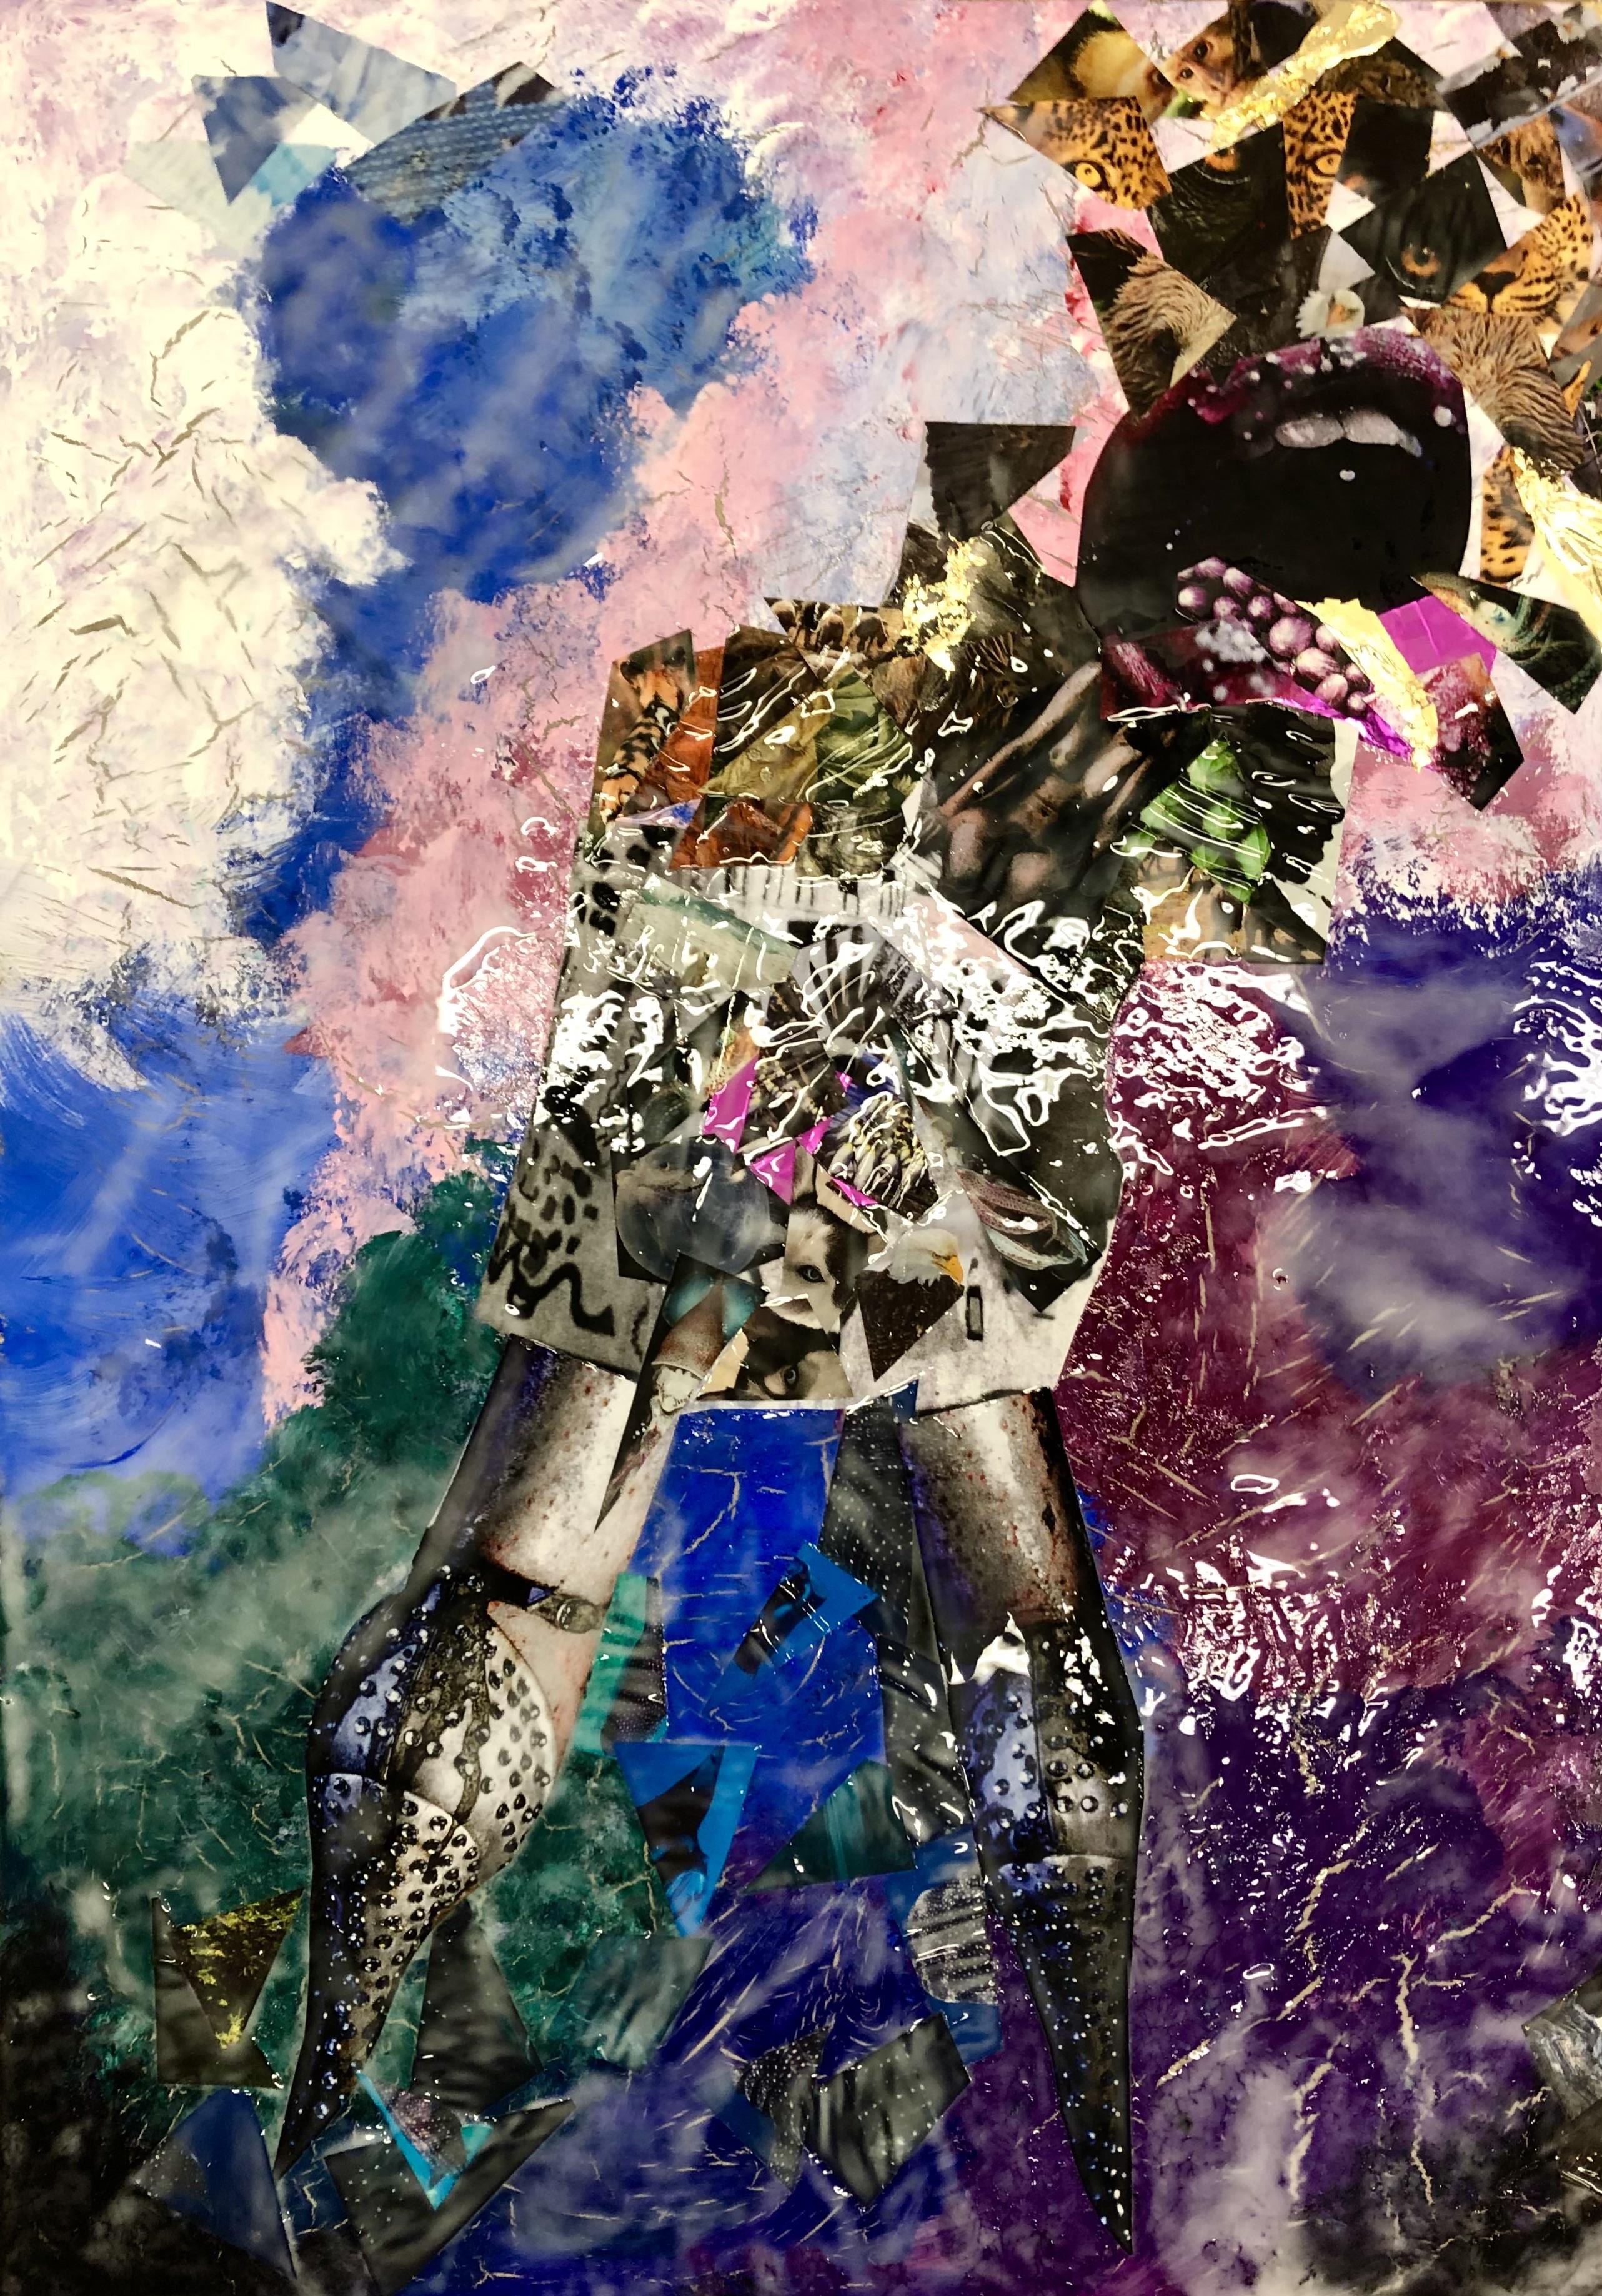 Abstract Animal Woman